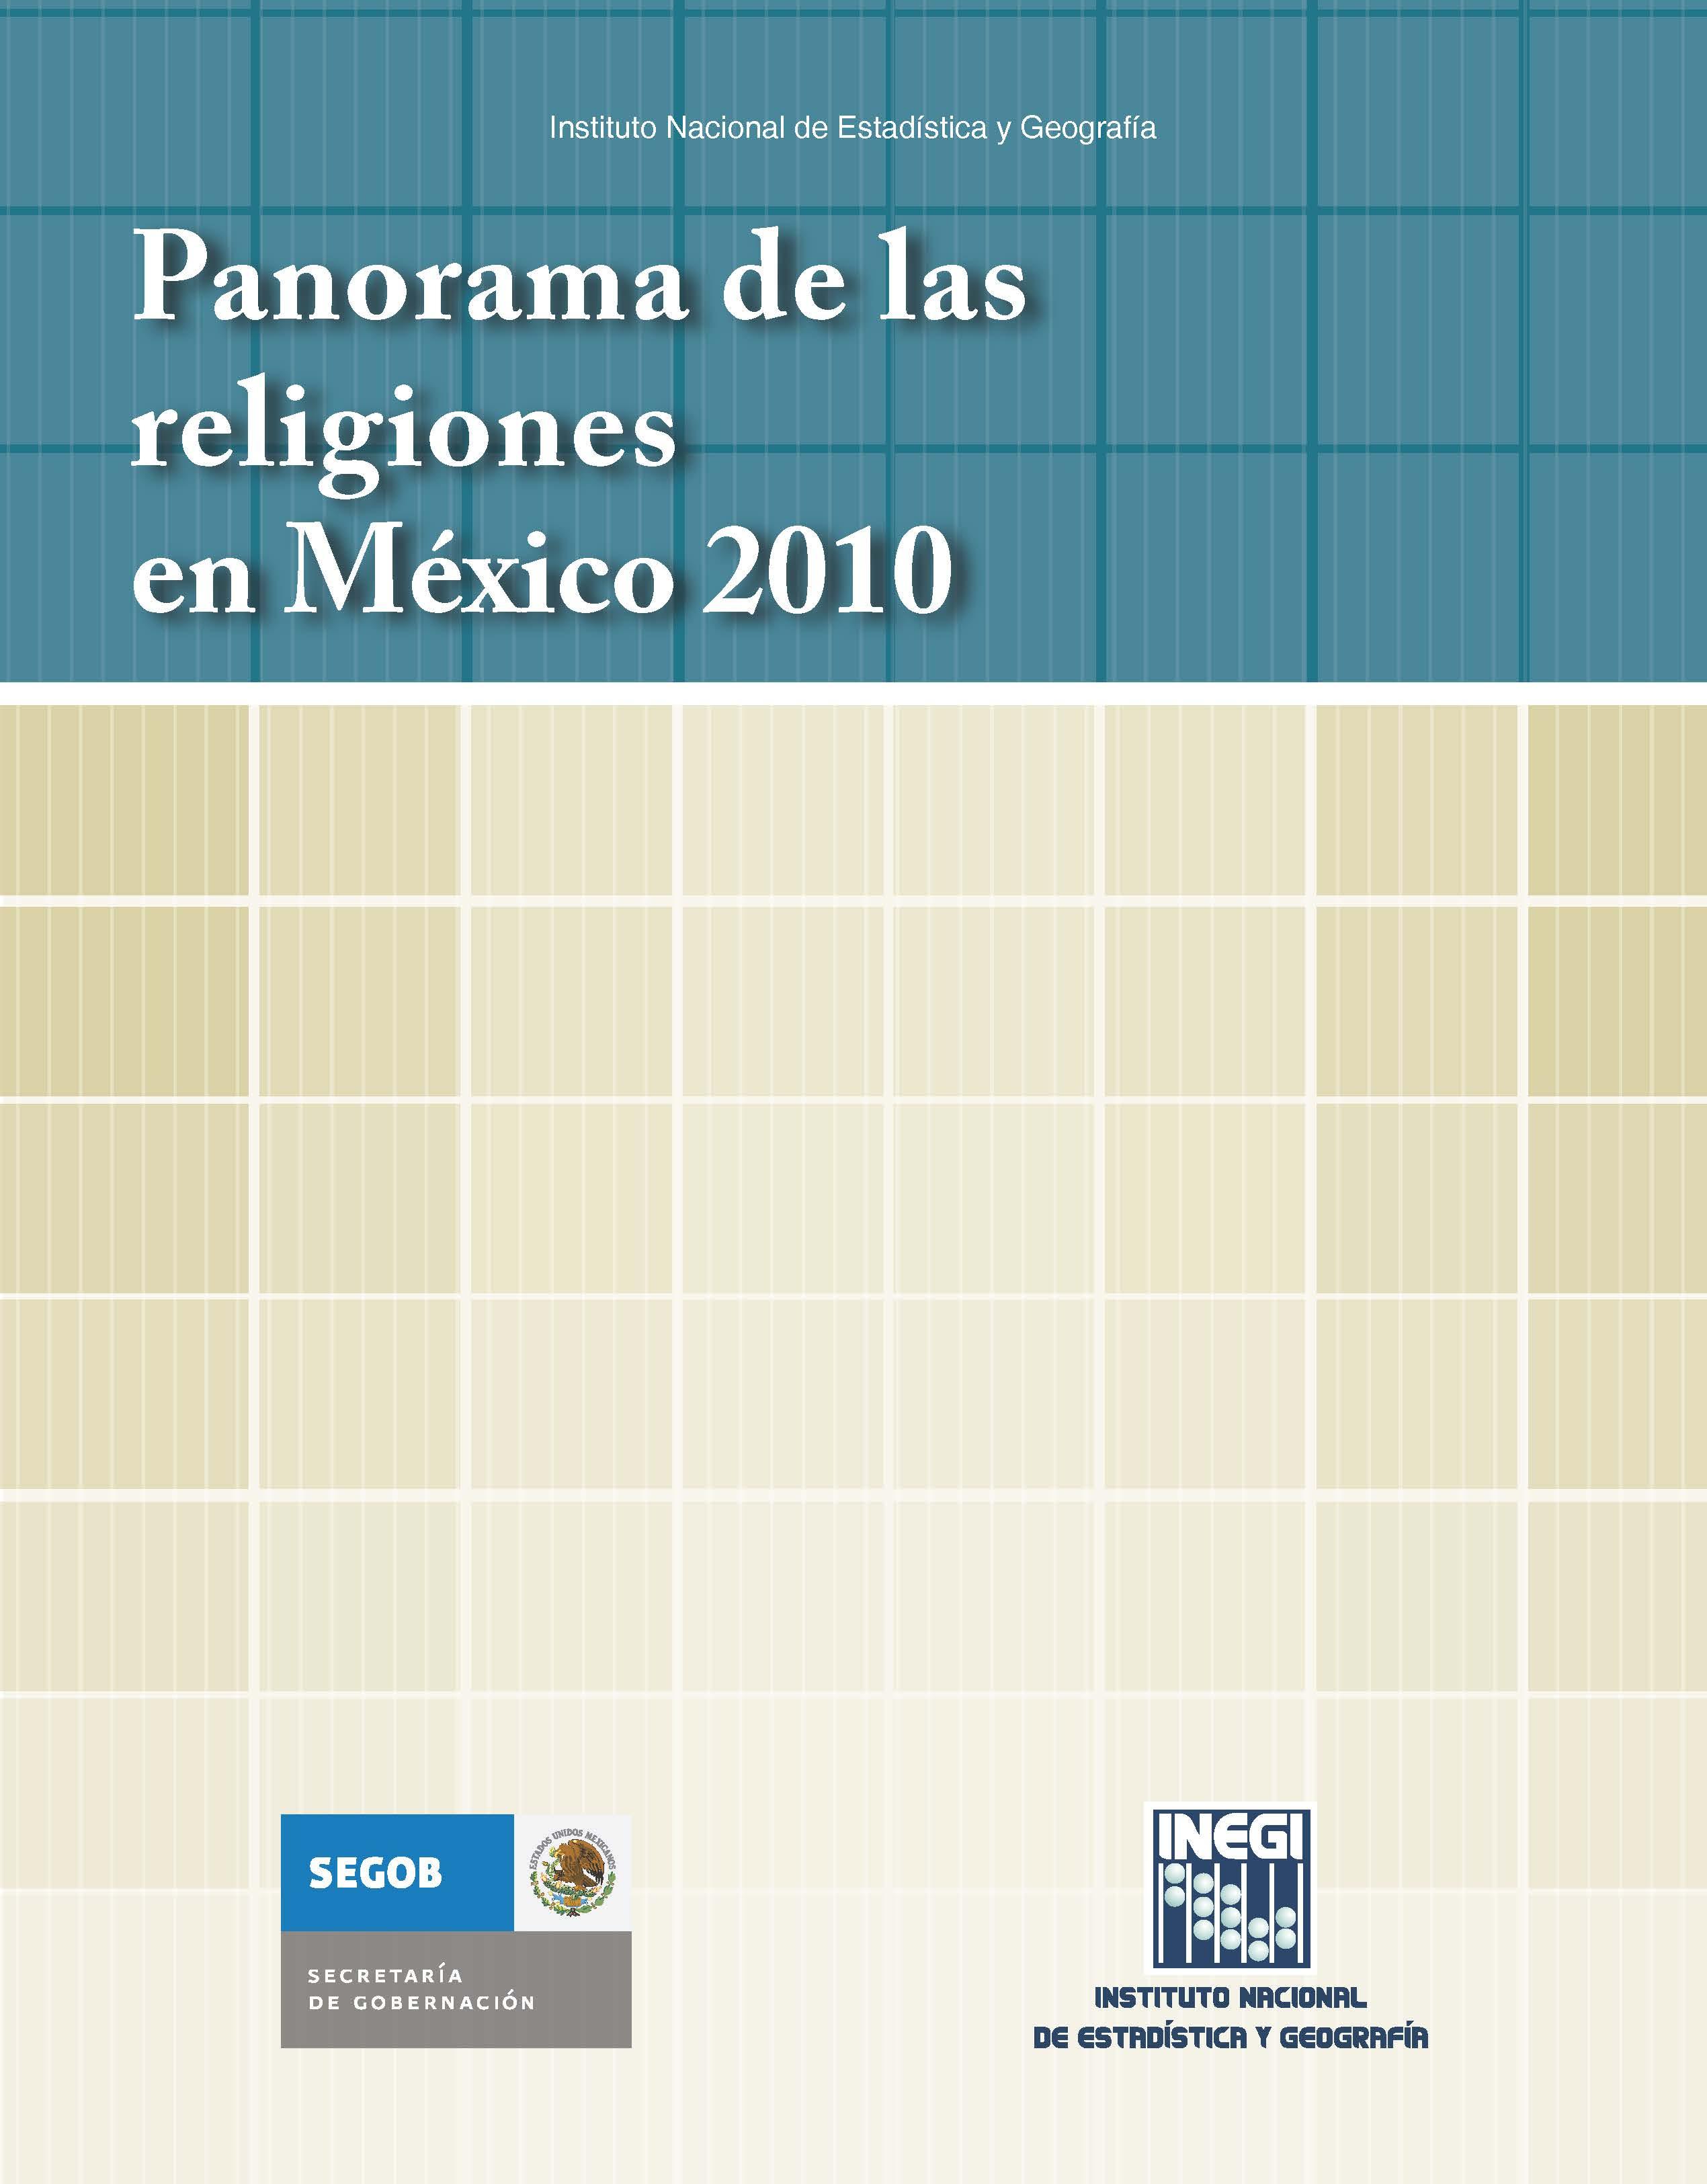 PANORAMA DE LAS RELIGIONES EN MEXICO 2010